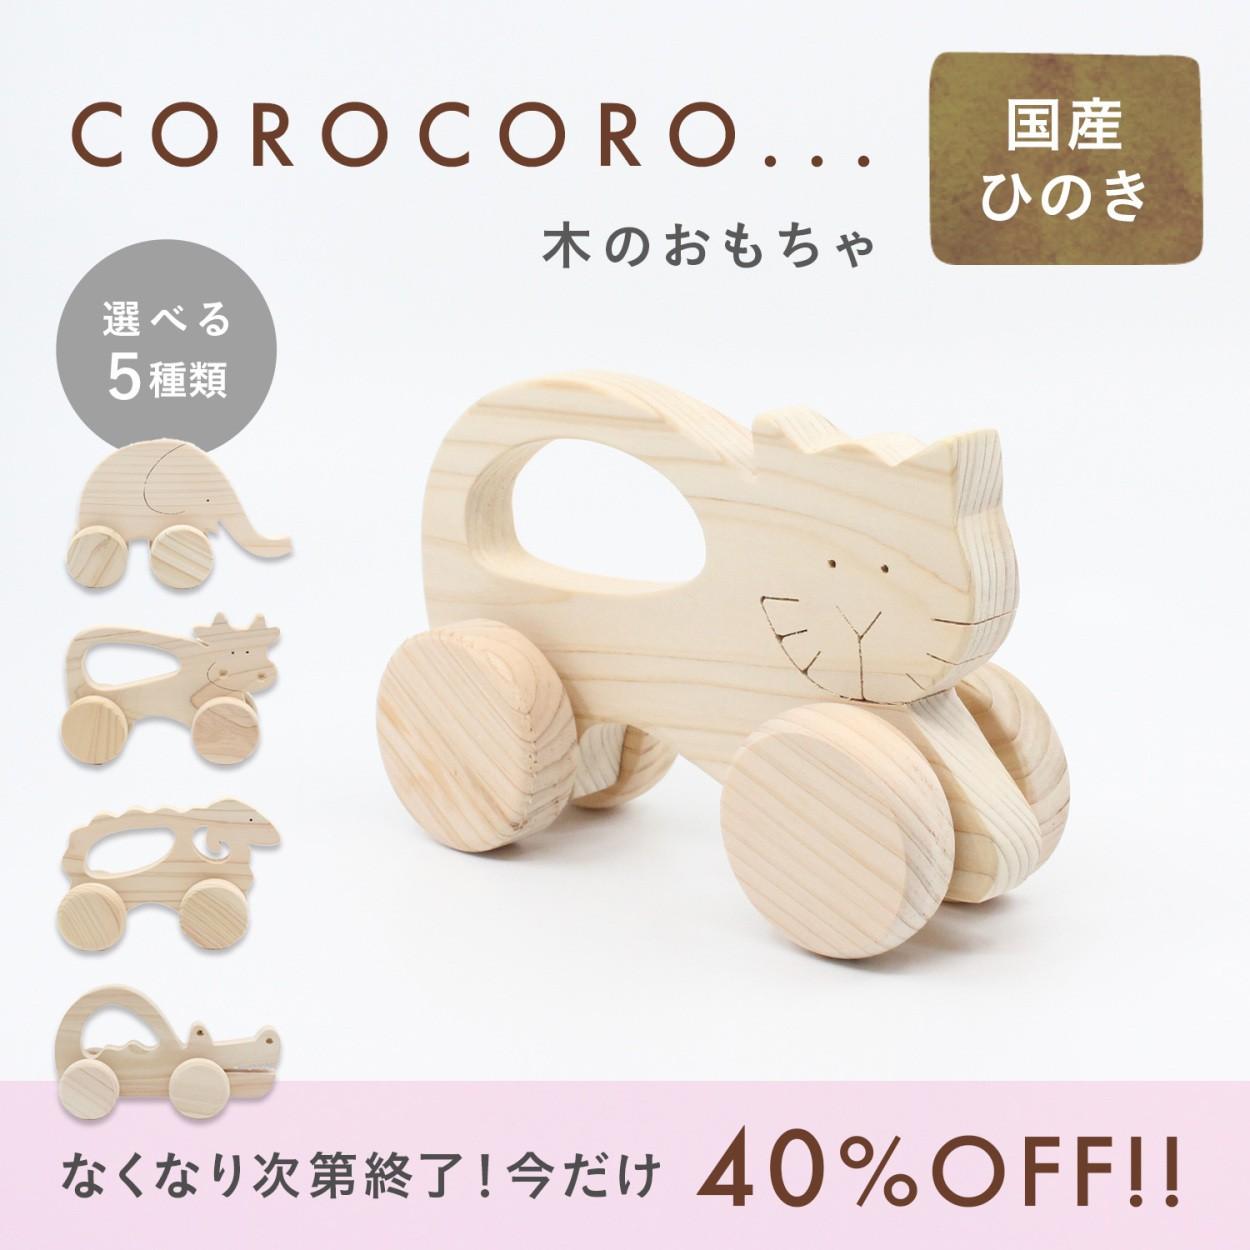 子供に人気のコロコロおもちゃ 今だけ限定40%OFF!!